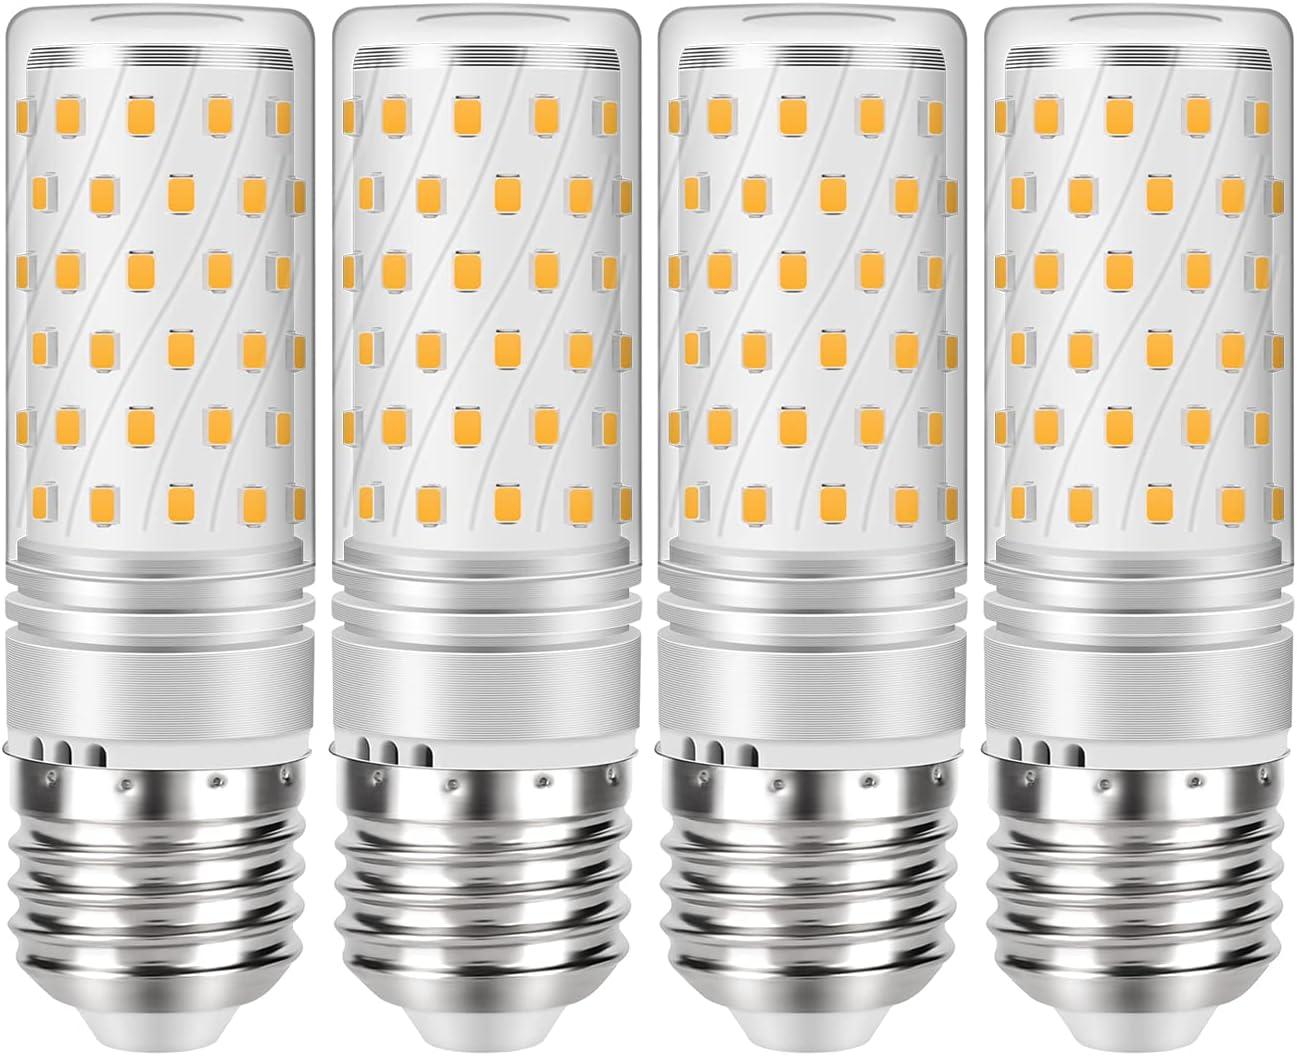 Gikkali LED E27 Luz Fria 6000k, 12W equivalentes a 120 W en Incandescencia, 1200 Lúmenes, Paquete de 4